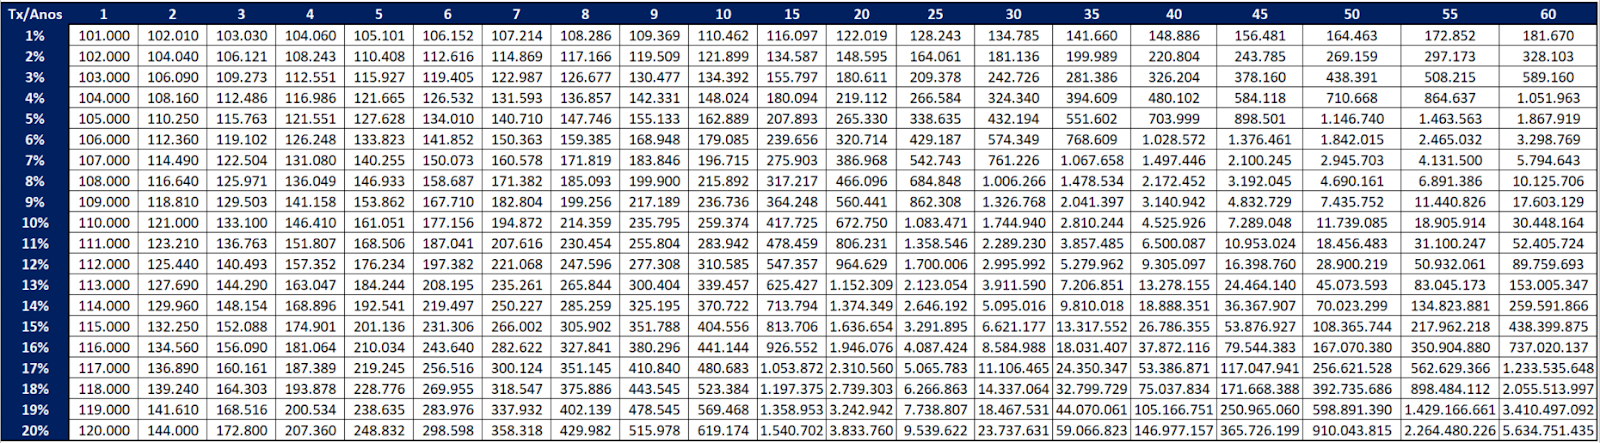 Tabela com cálculo dos juros compostos sobre o investimento inicial de 100.000 reais no período de 25 anos.